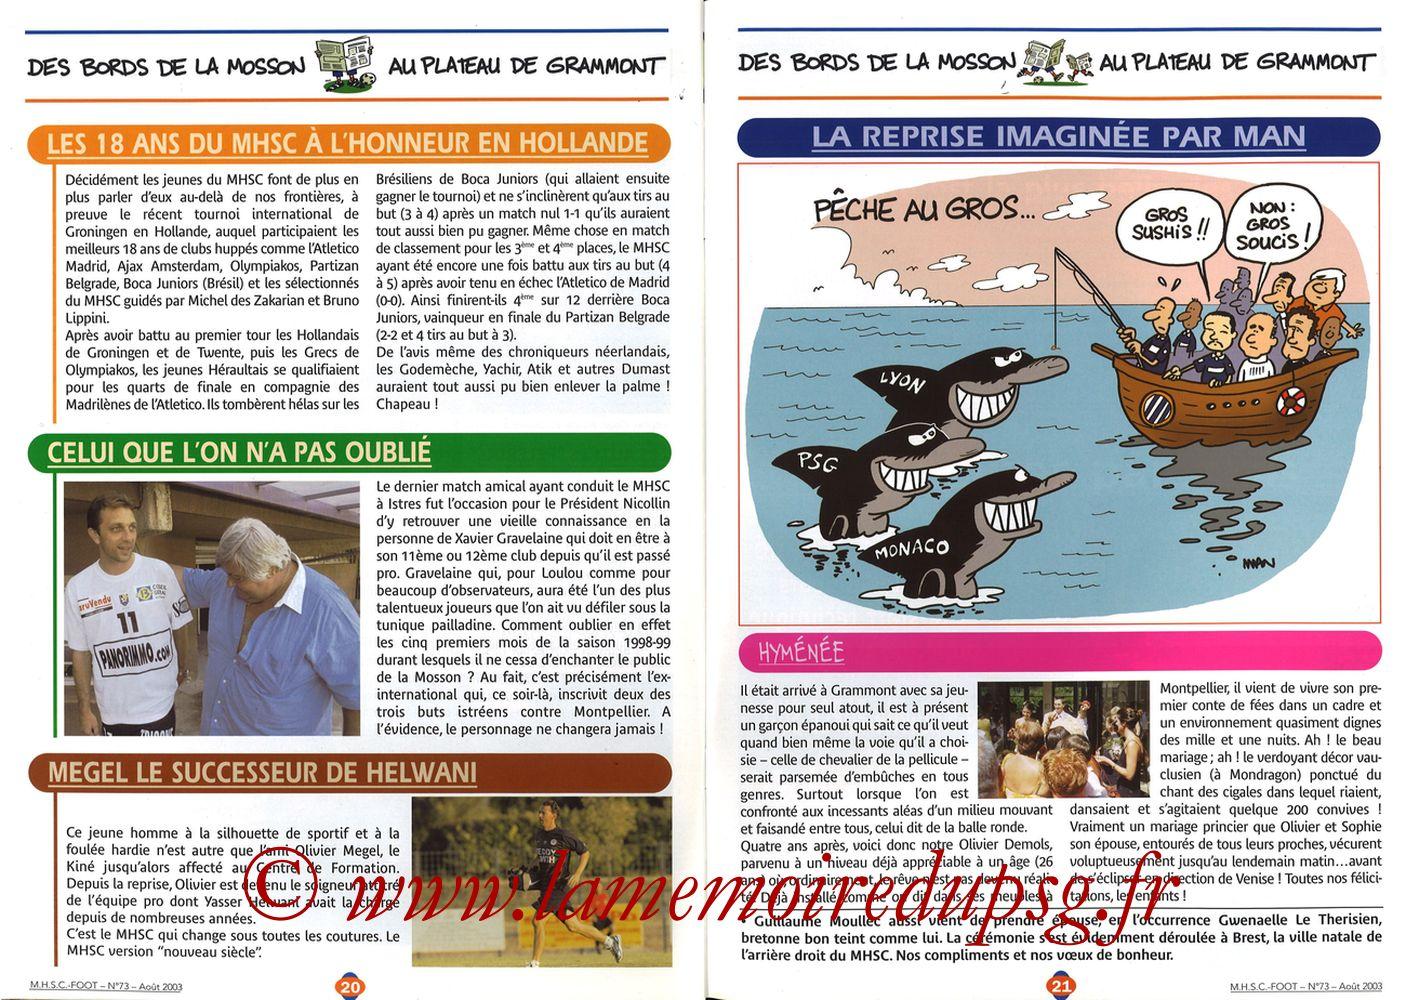 2003-08-30  Montpellier-PSG (5ème L1, MHSC Foot N°73) - Pages 20 et 21